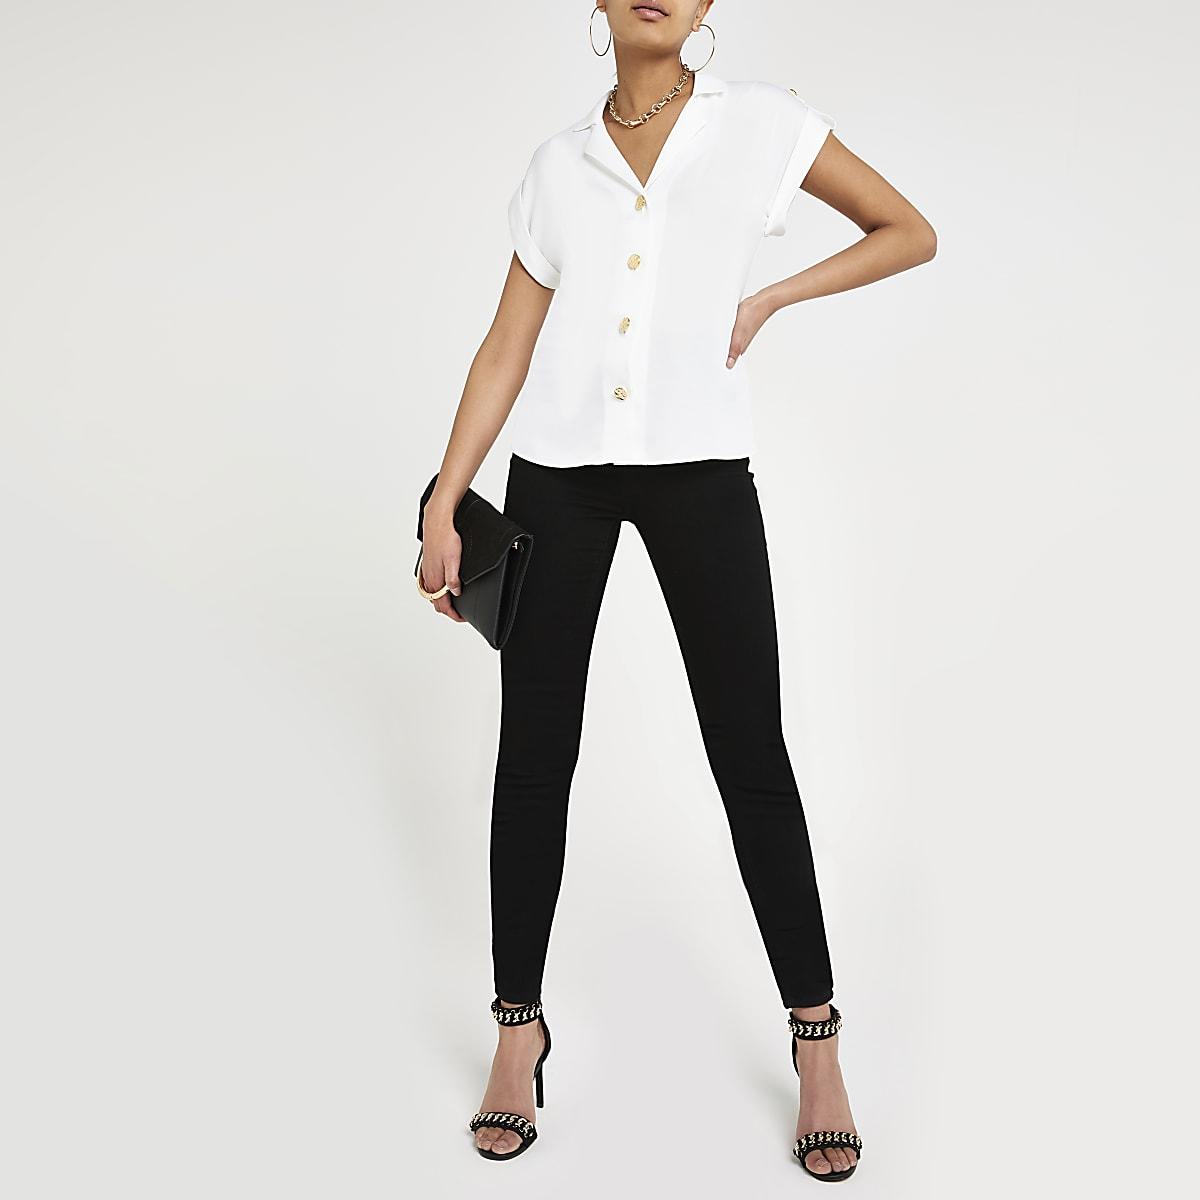 White short sleeve utility shirt